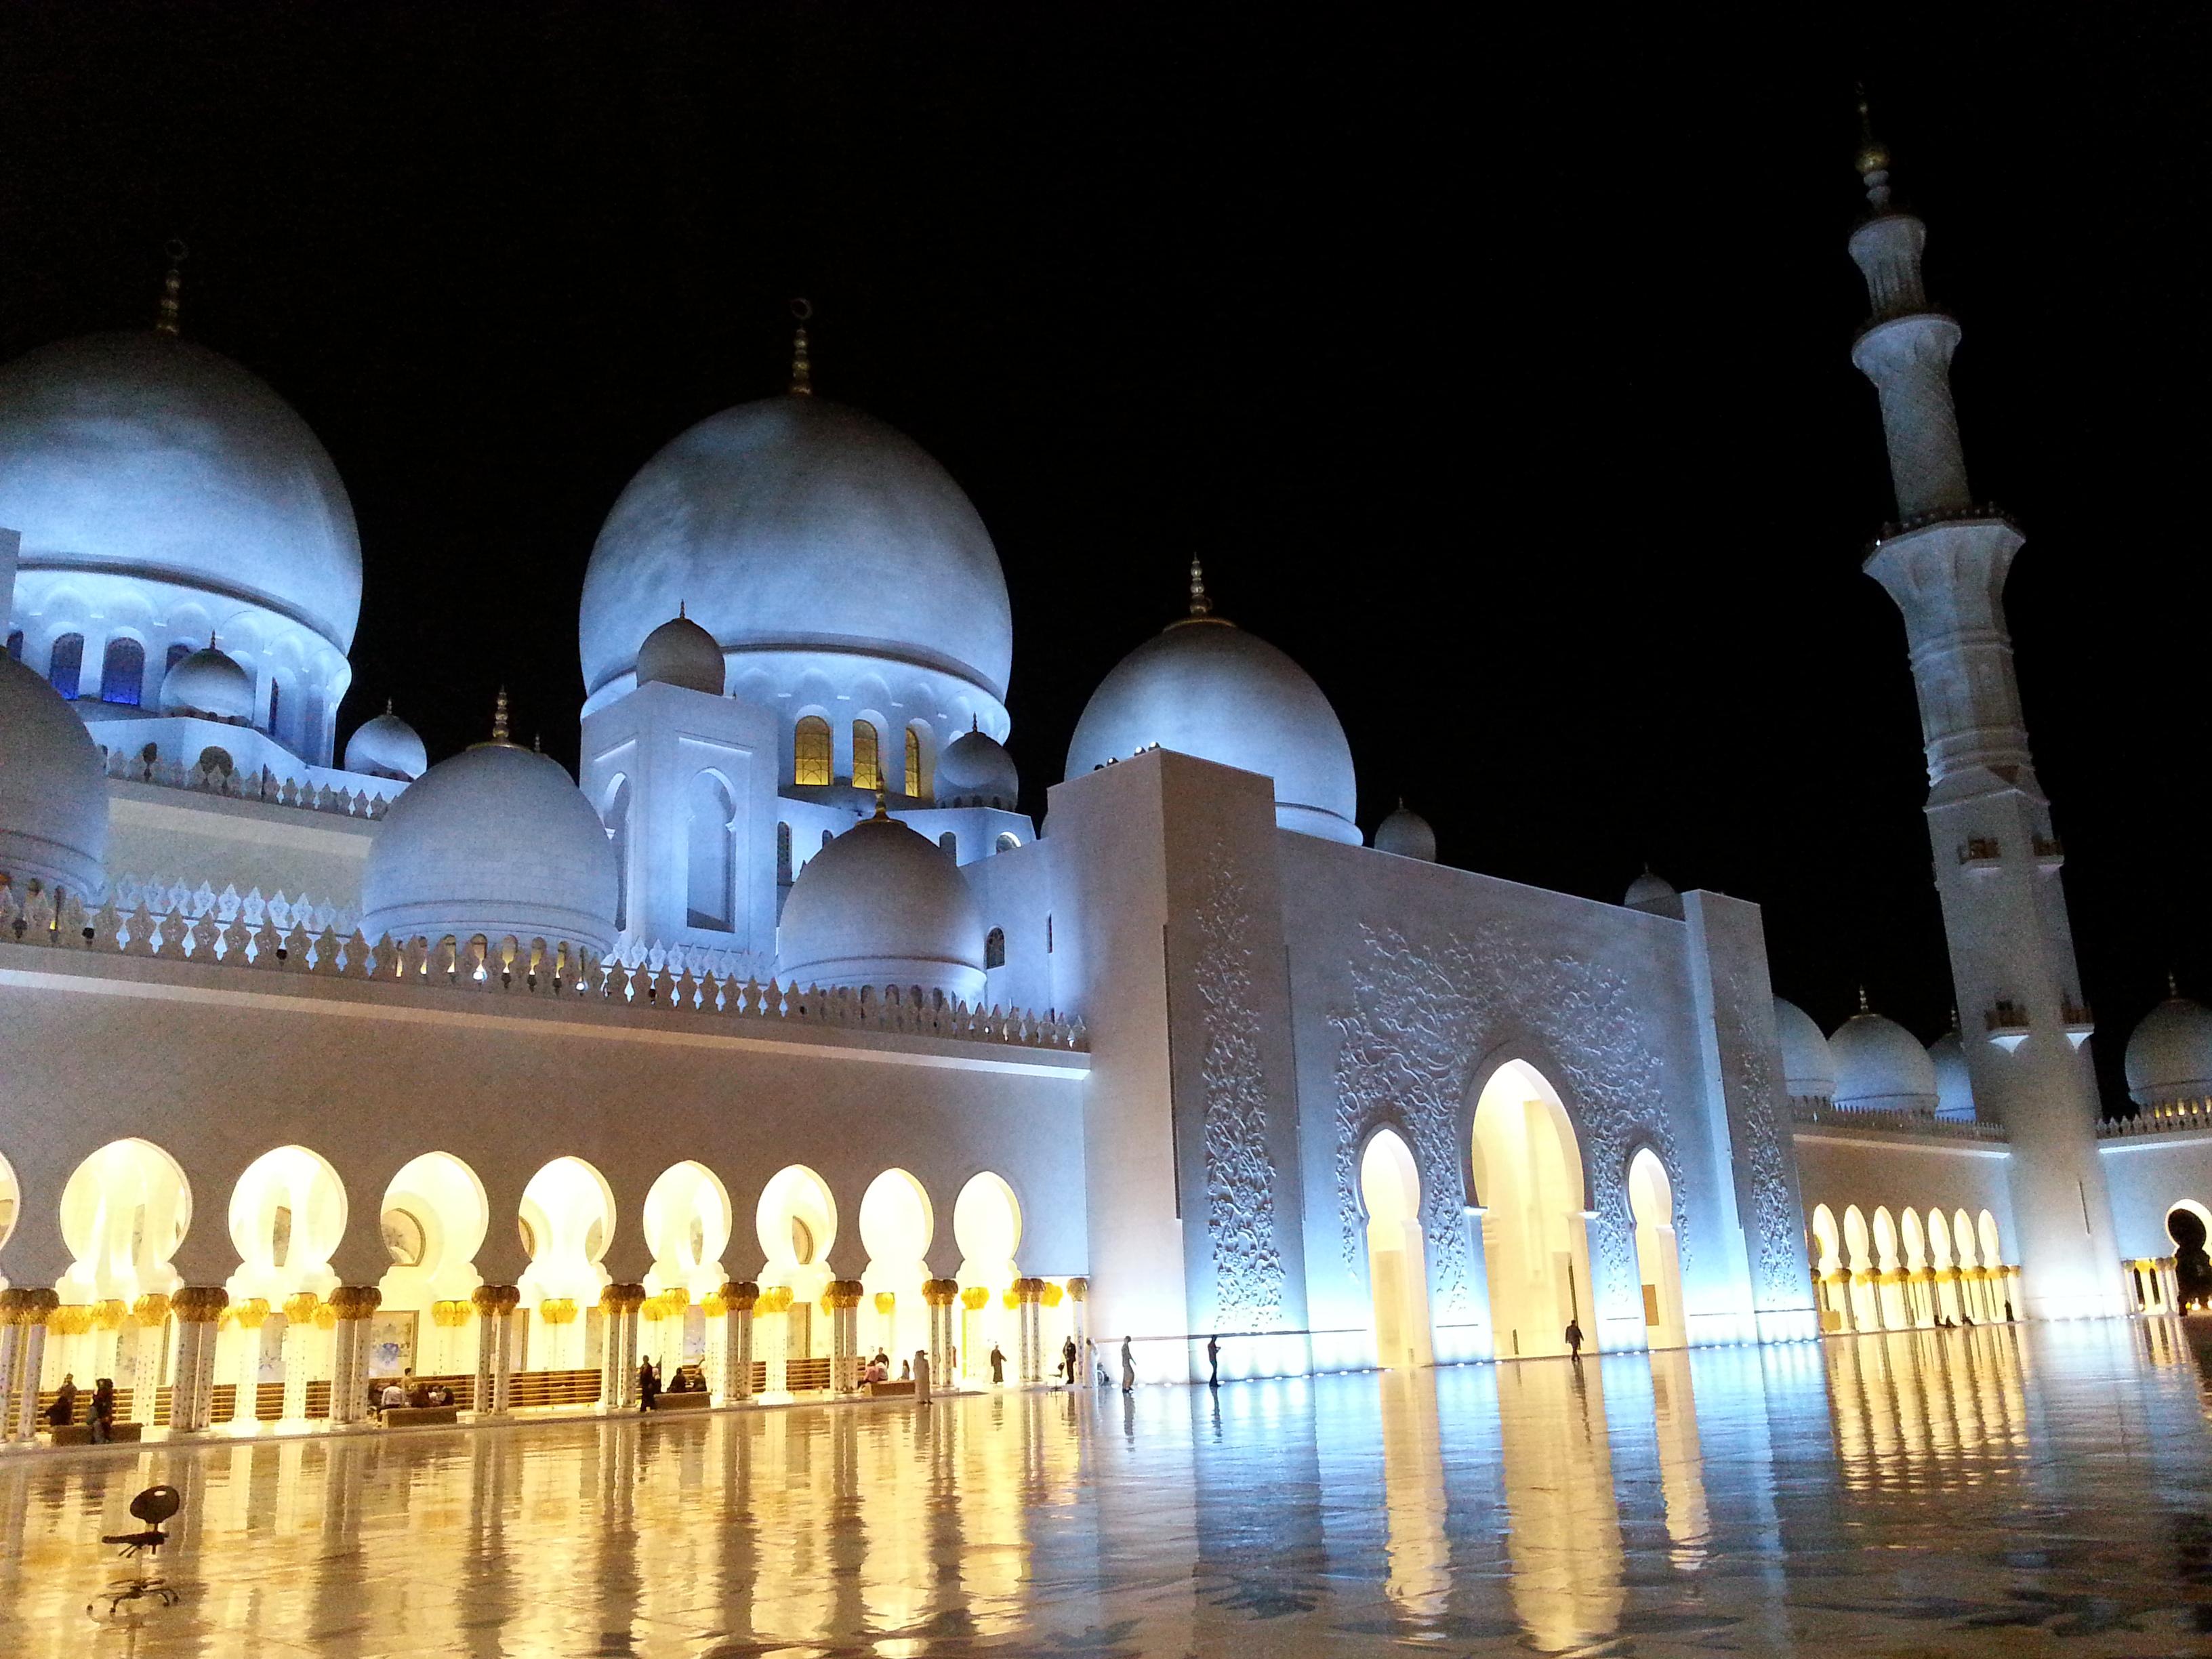 Mein Schiff Ausflugsziel in Abu Dhabi: Die Sheikh Zayed Moschee bei Nacht